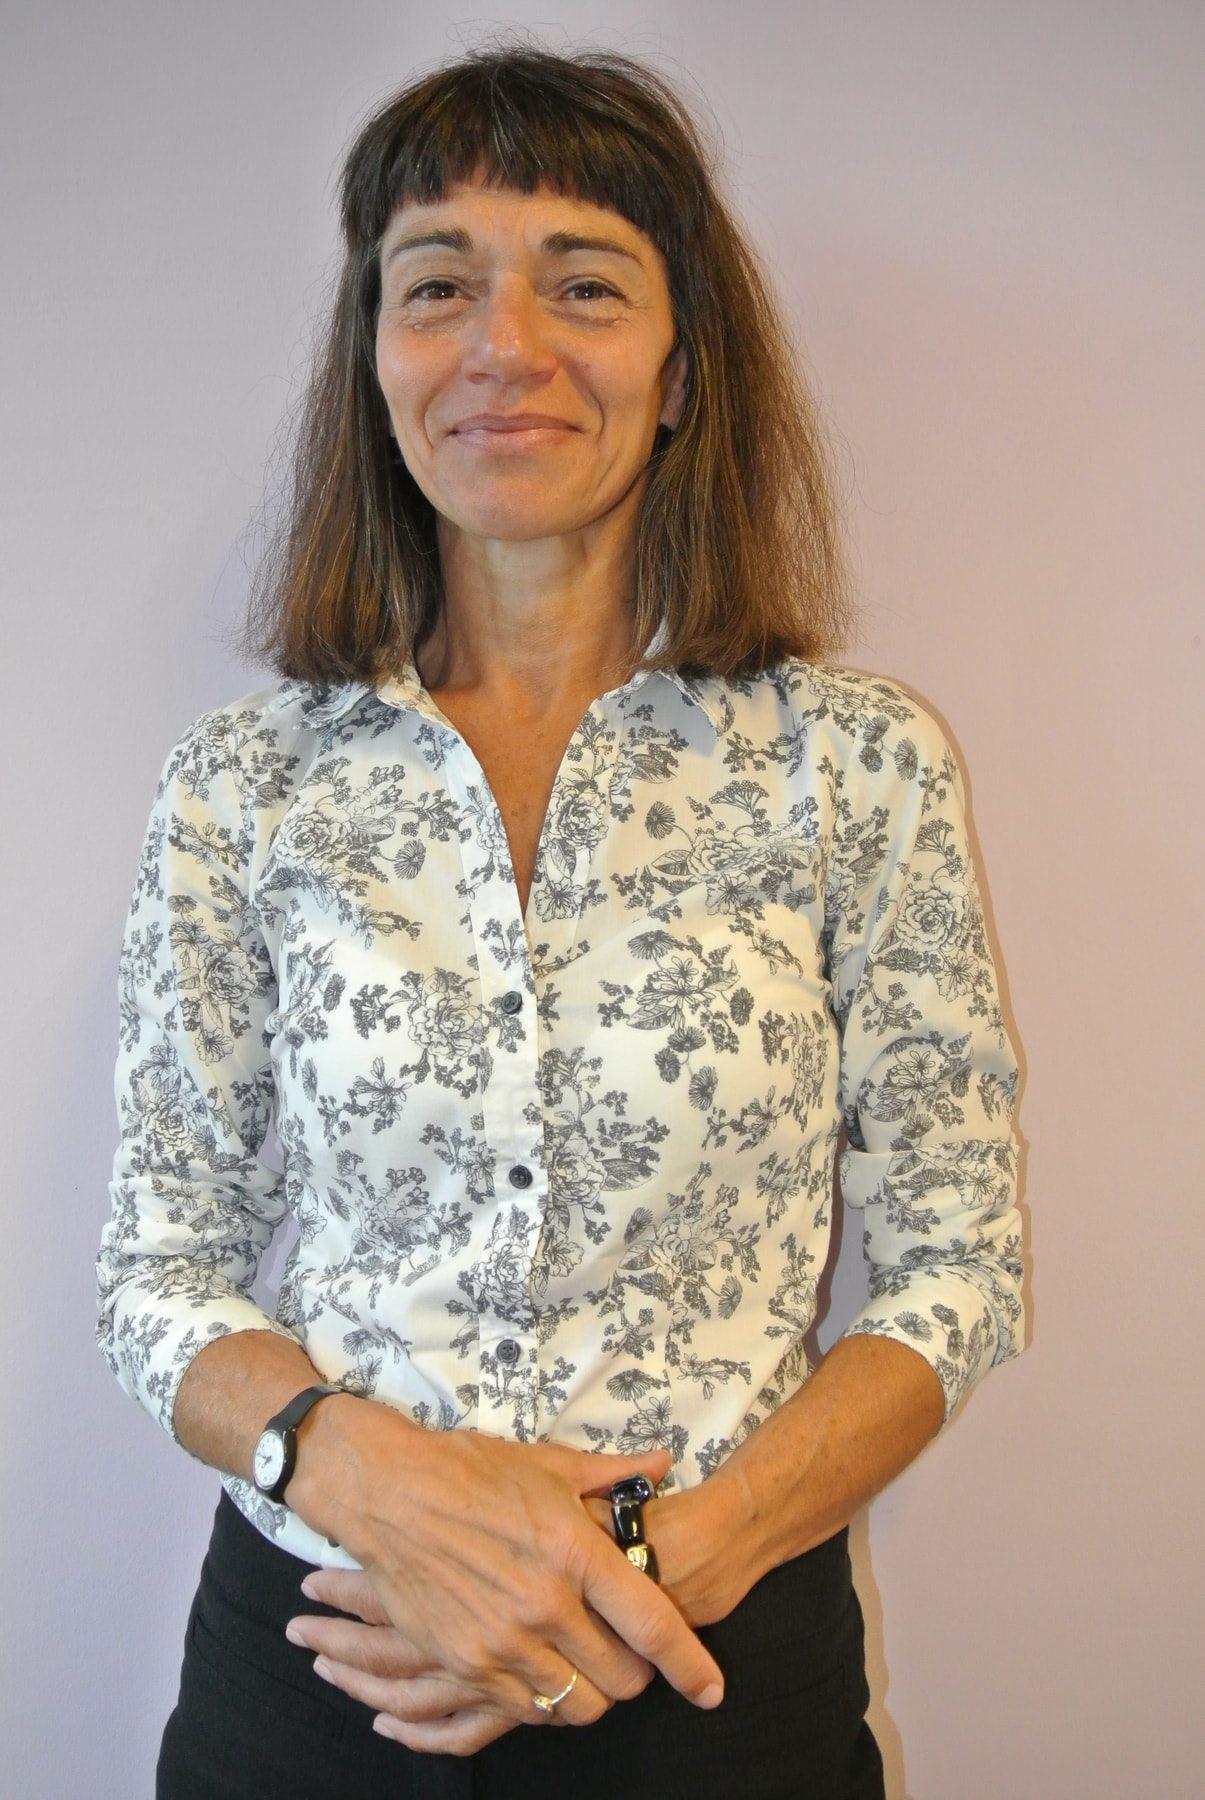 Karen Bresloff